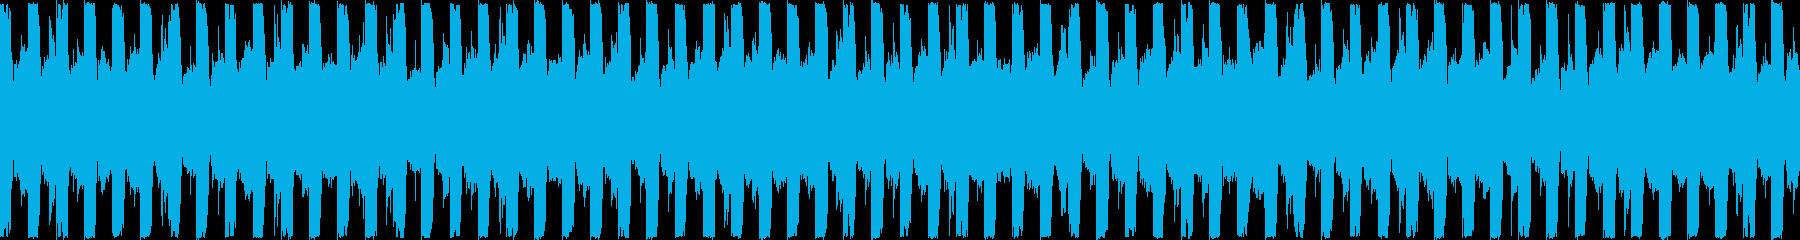 運動・フィットネス/30秒ループ曲3の再生済みの波形